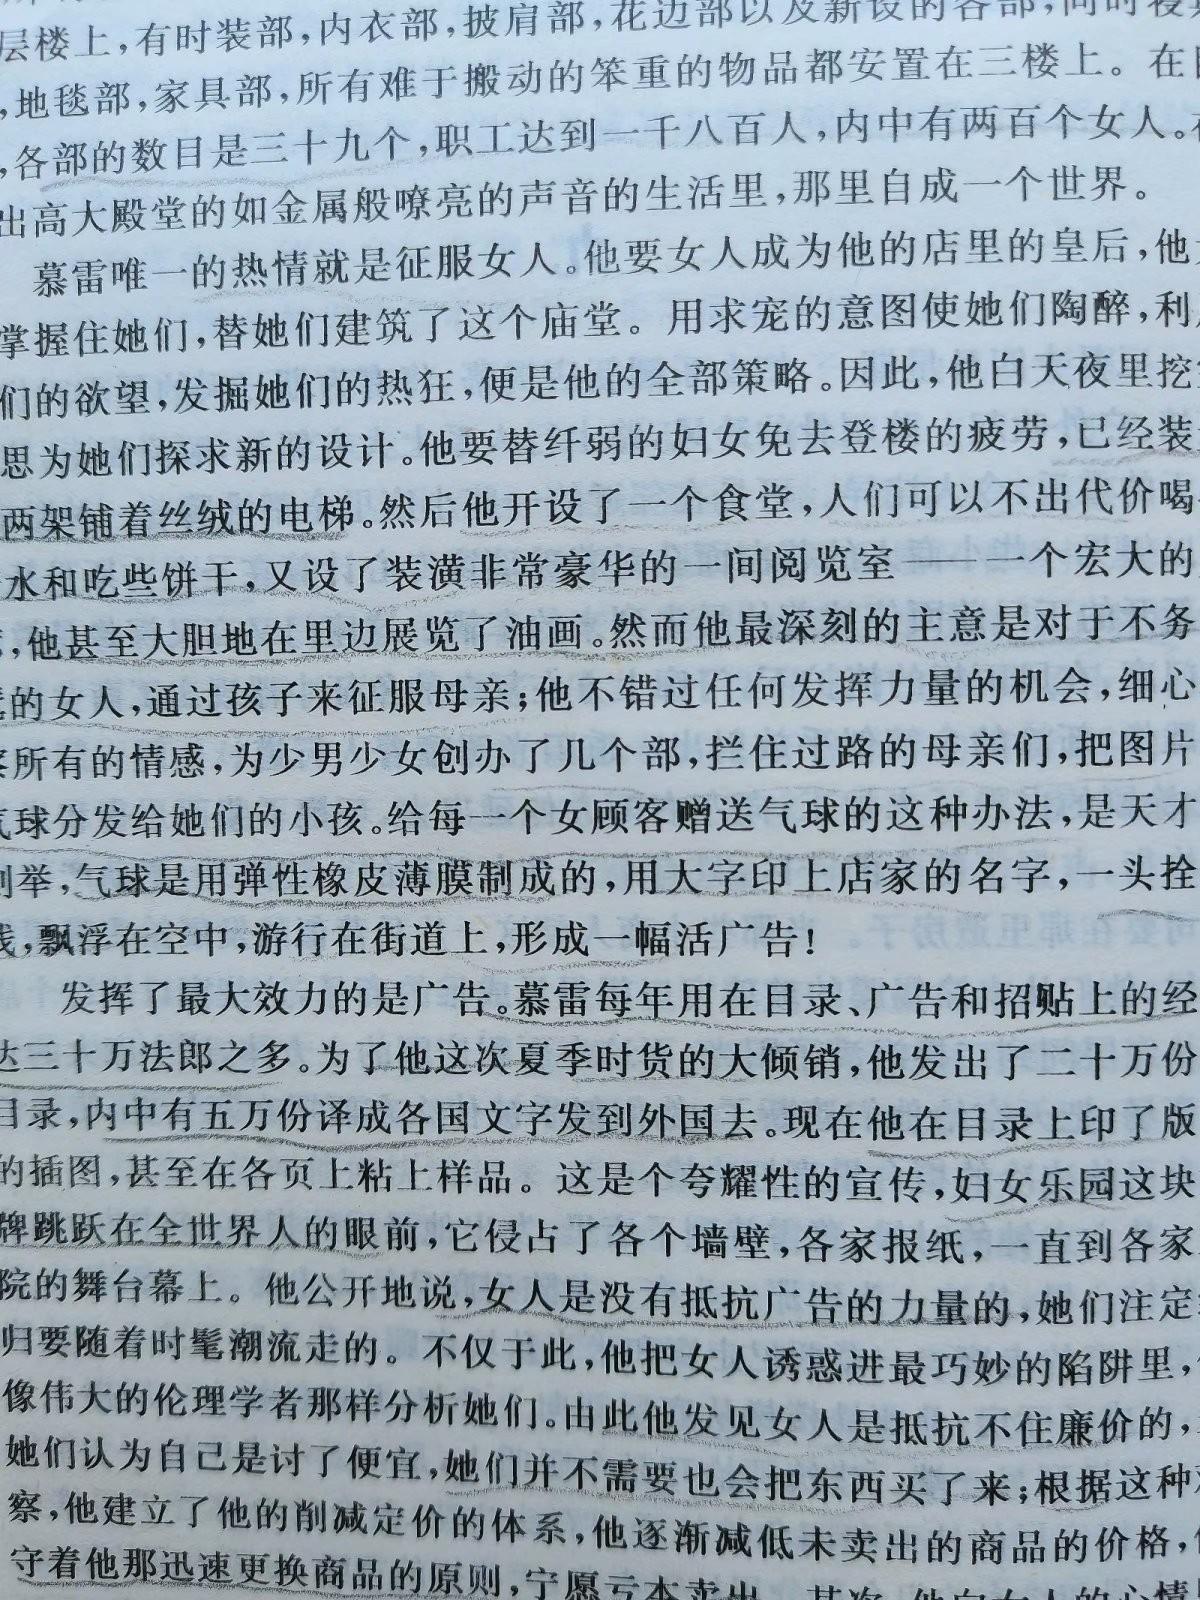 """二零二零年八月五日部分日记——:""""读完了左拉的《妇女乐园》"""" ..._图1-3"""